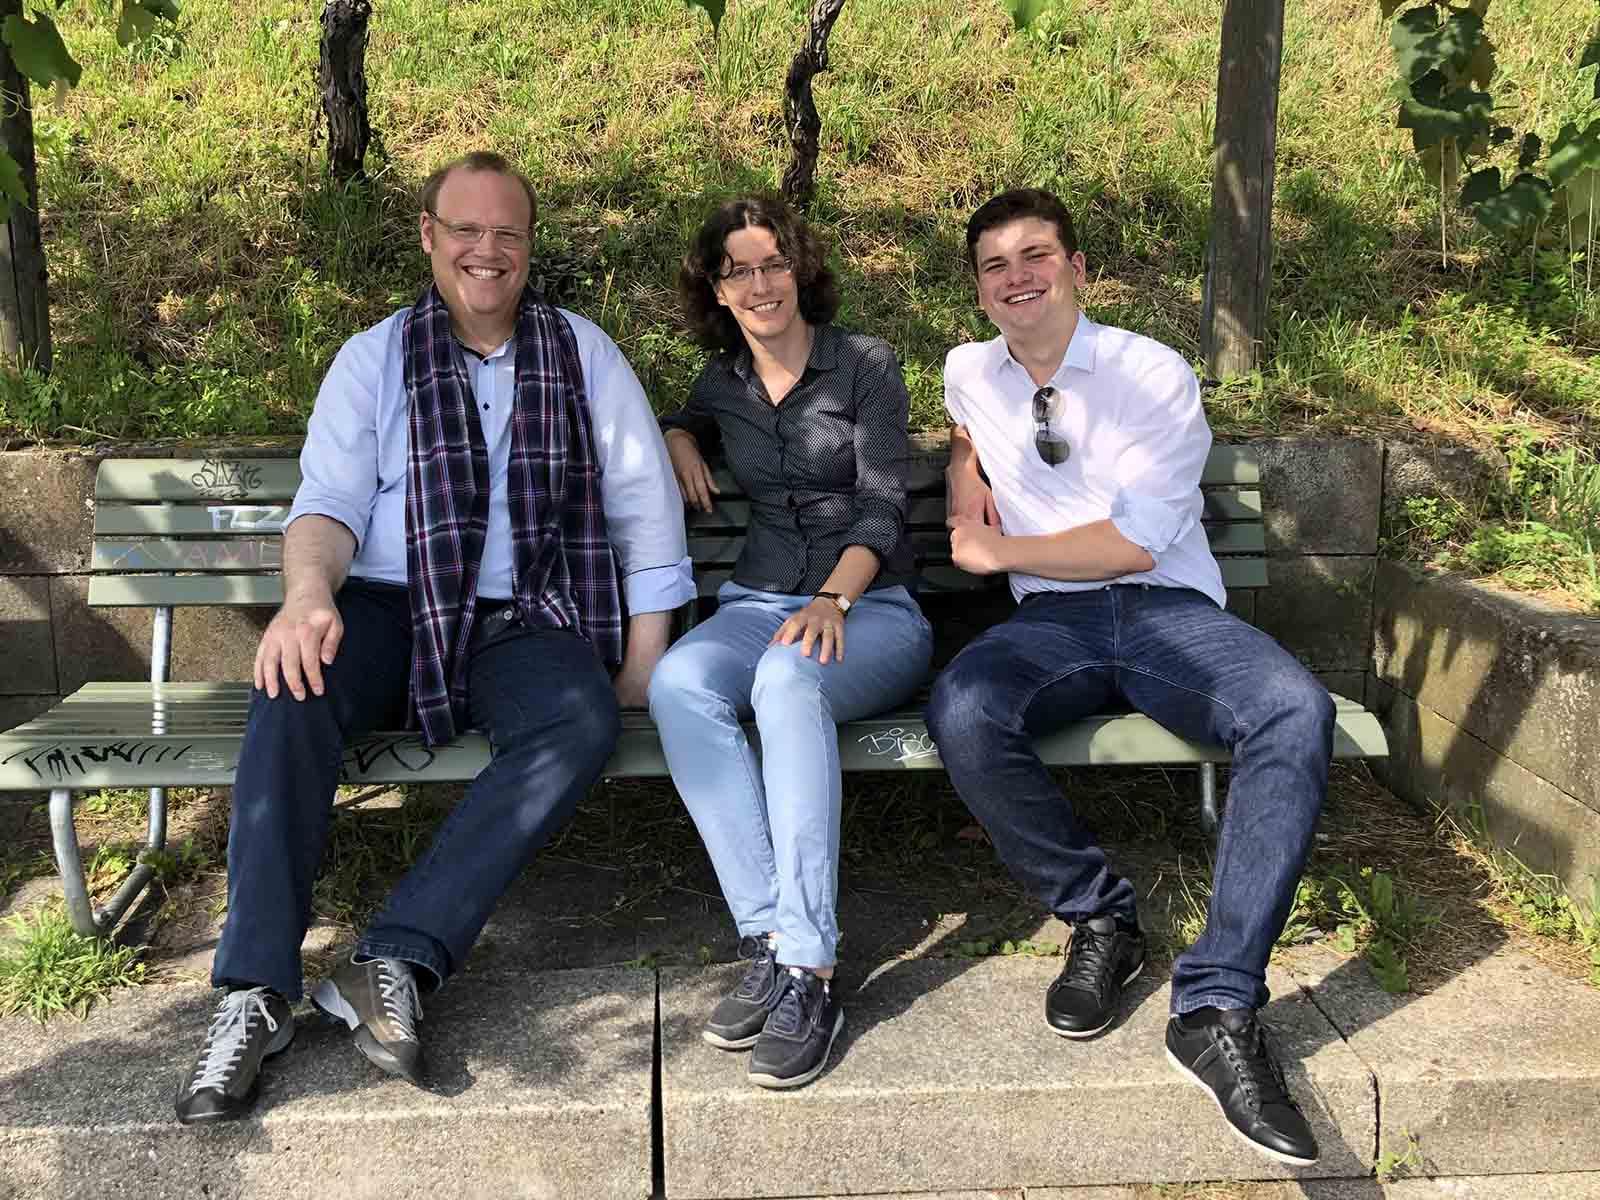 Wollen in den Nationalrat (v.l.n.r.): Kantonsrat Alexander Jäger, Gemeinderätin Martina Zürcher-Böni und der Jungfreisinnige Enrique Zbinden